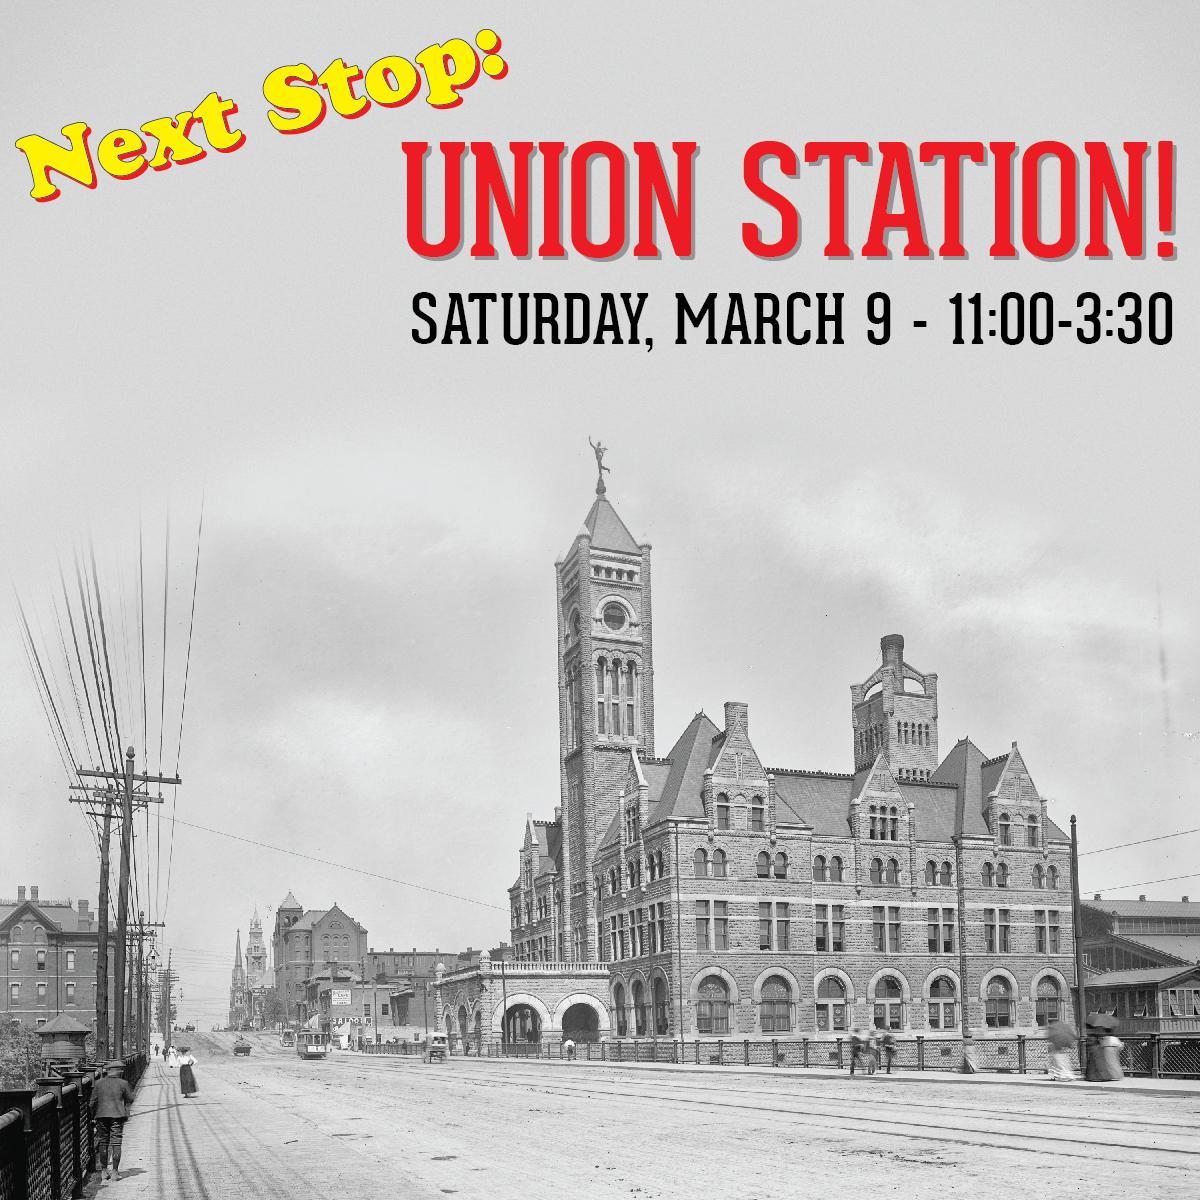 Next Stop: Union Station!